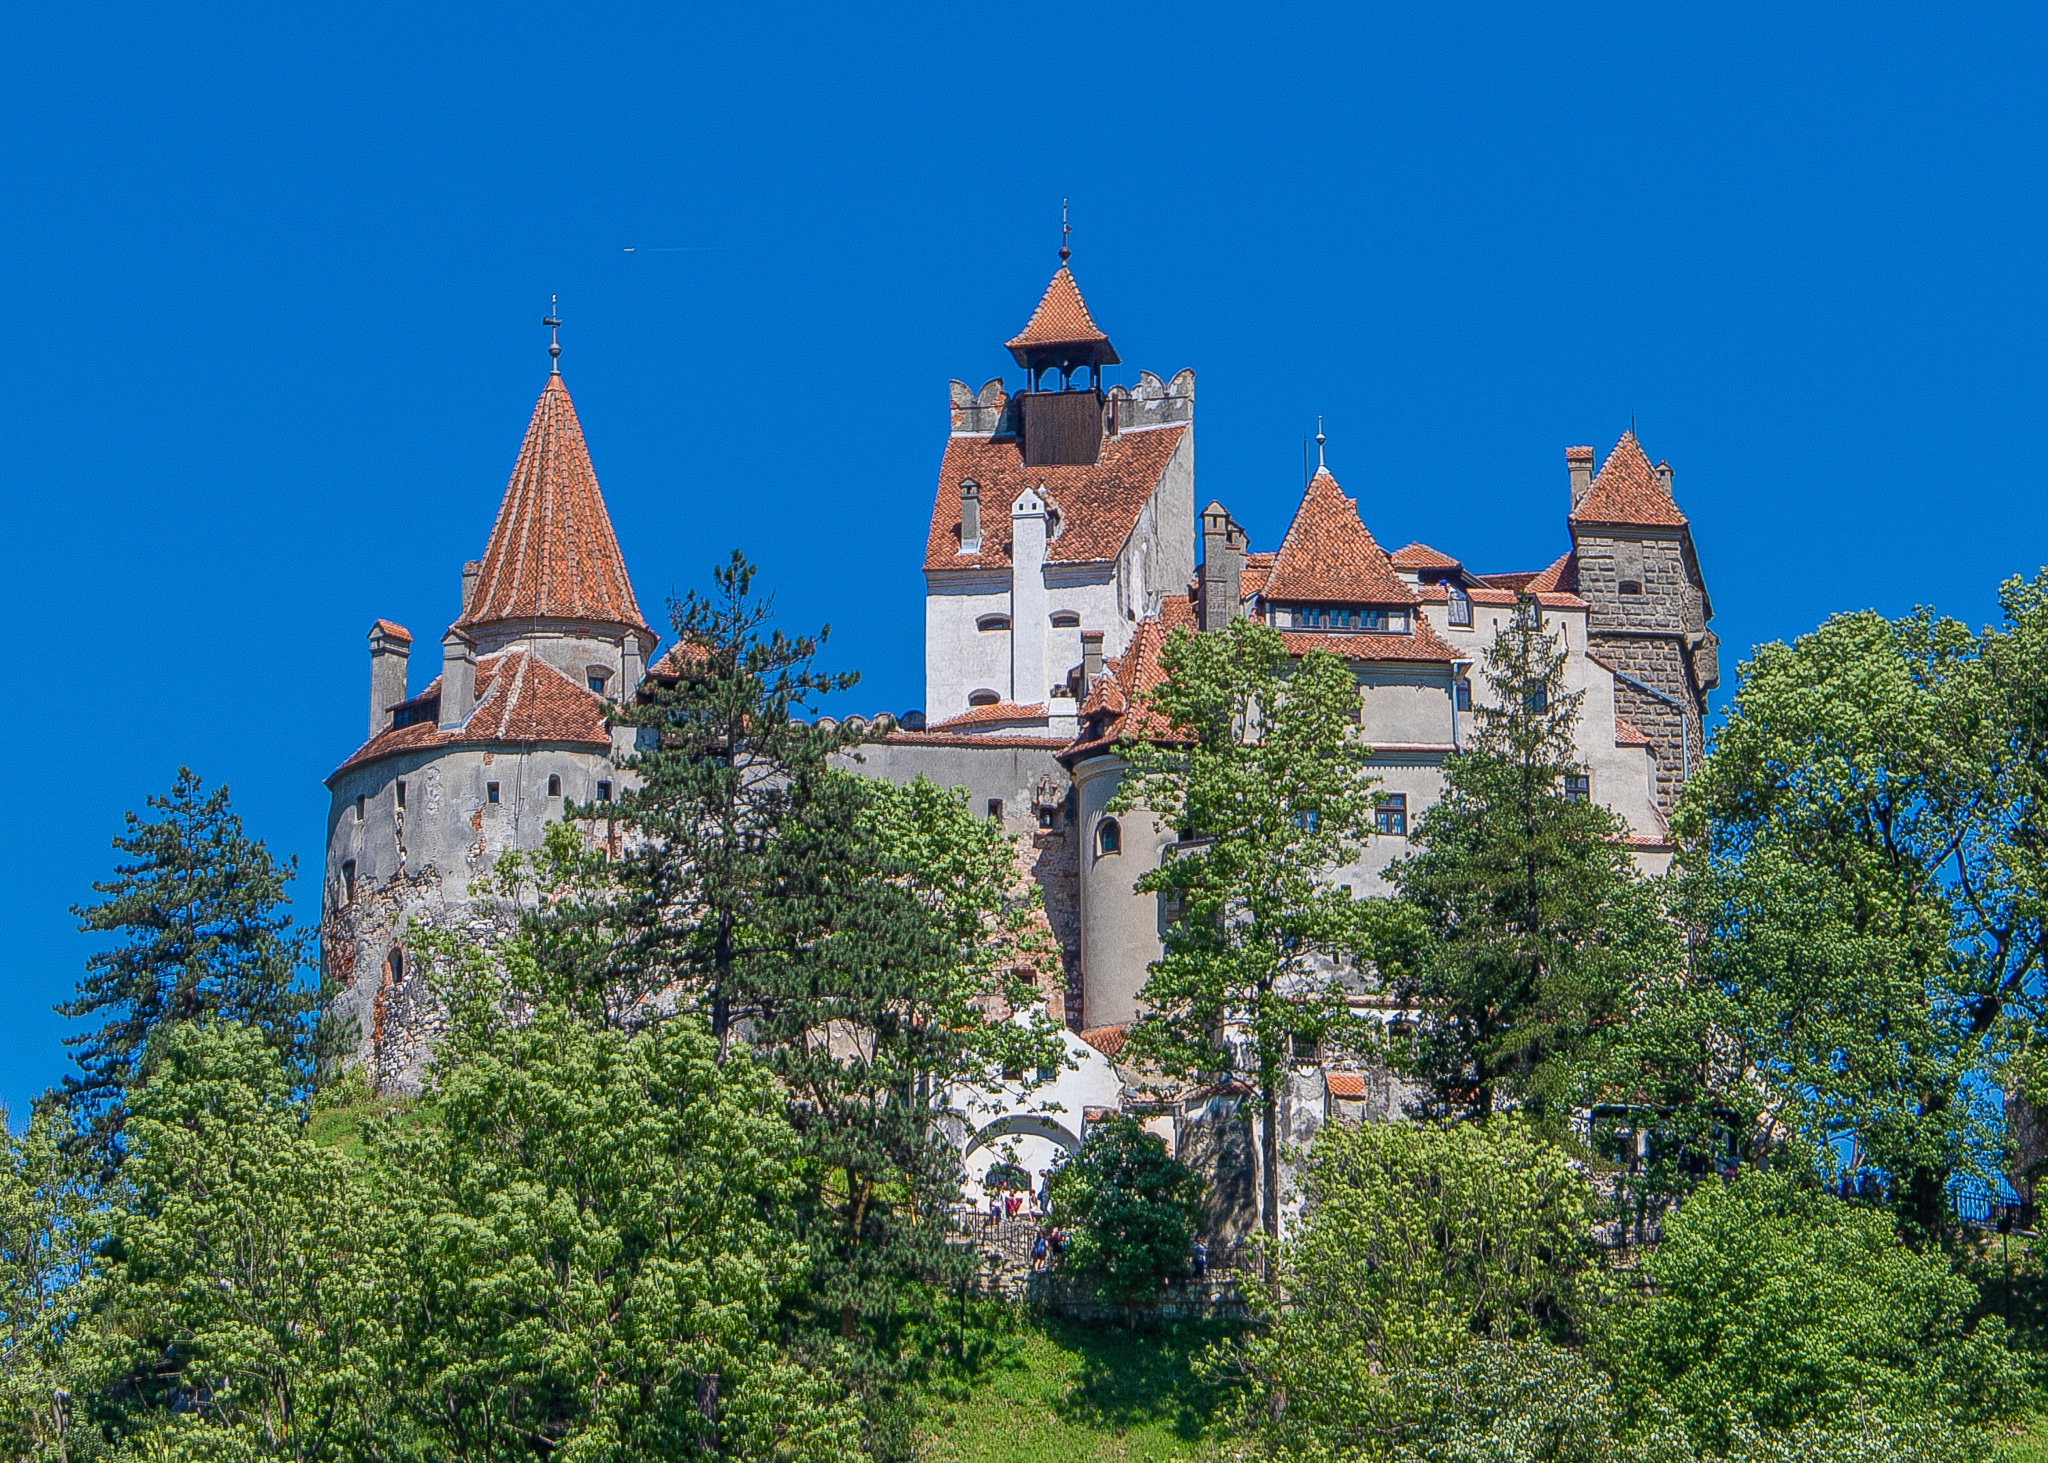 Bran Castle seen from the hillside opposite